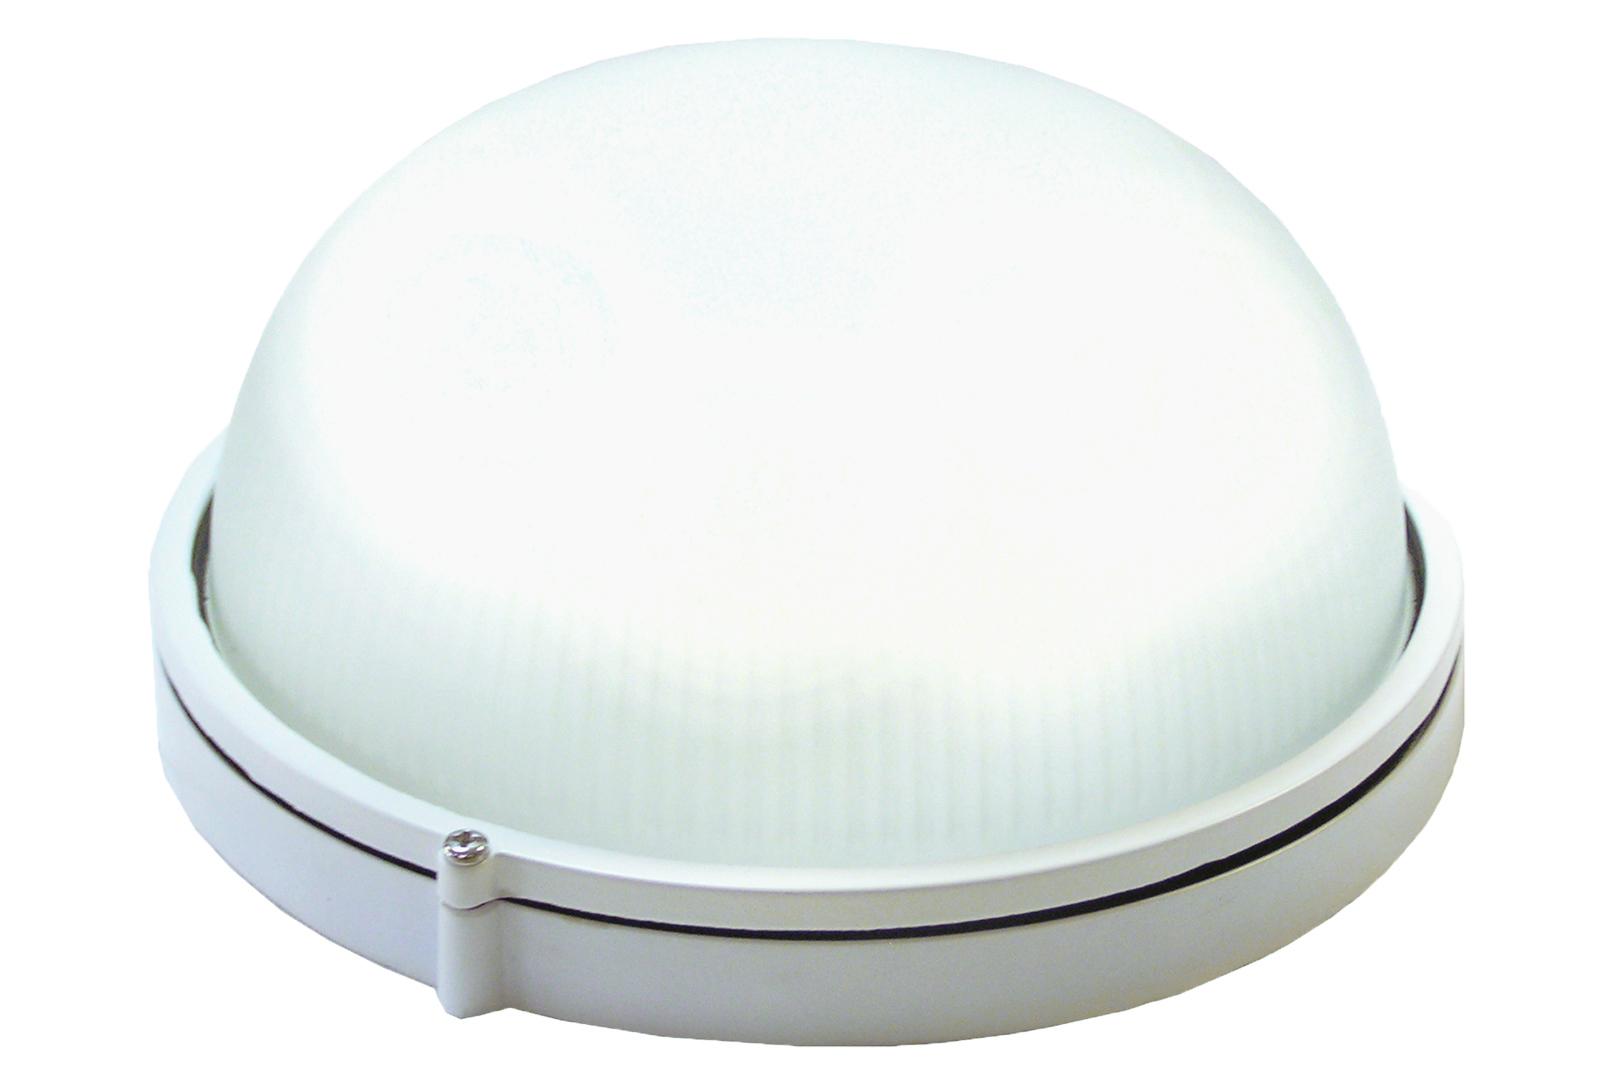 Светильник настенно-потолочный Tdm Sq0329-0020 светильник tdm sq0329 0066